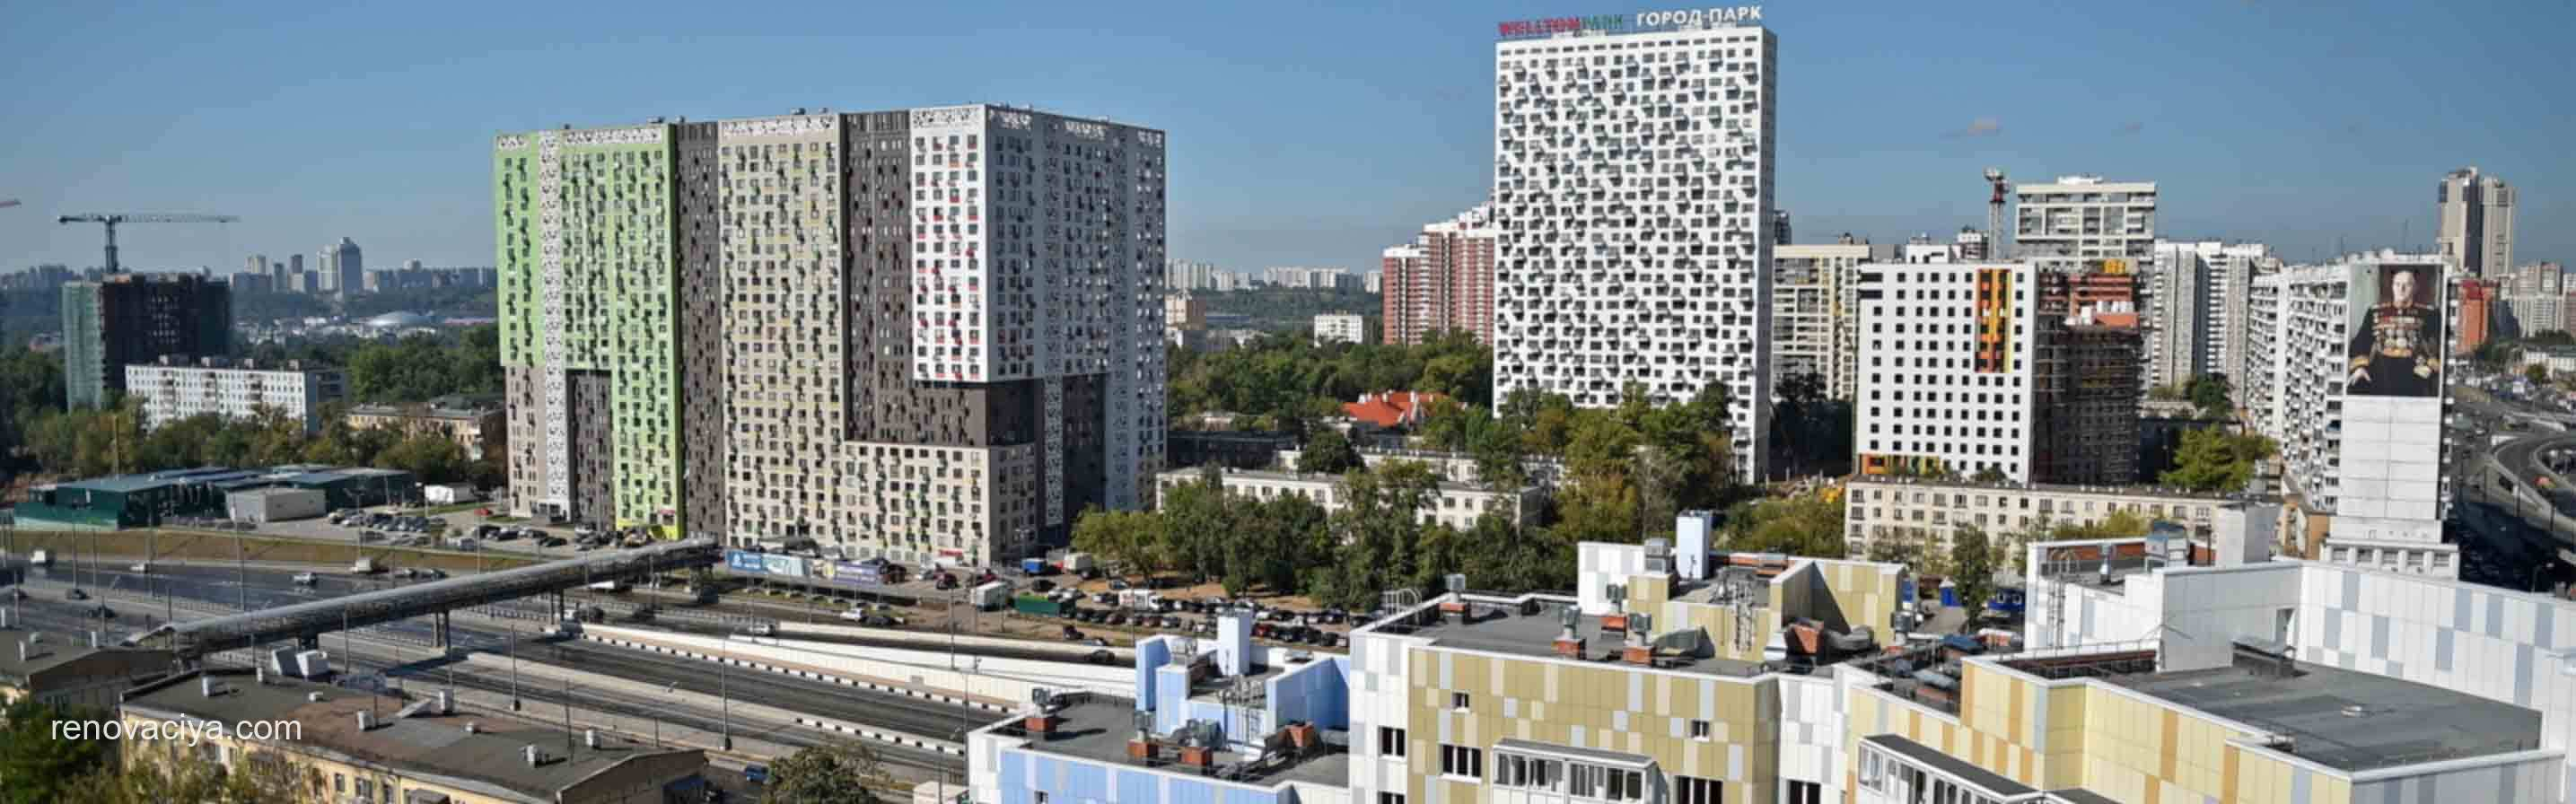 Реновация и «Мой район» дополнят друг друга